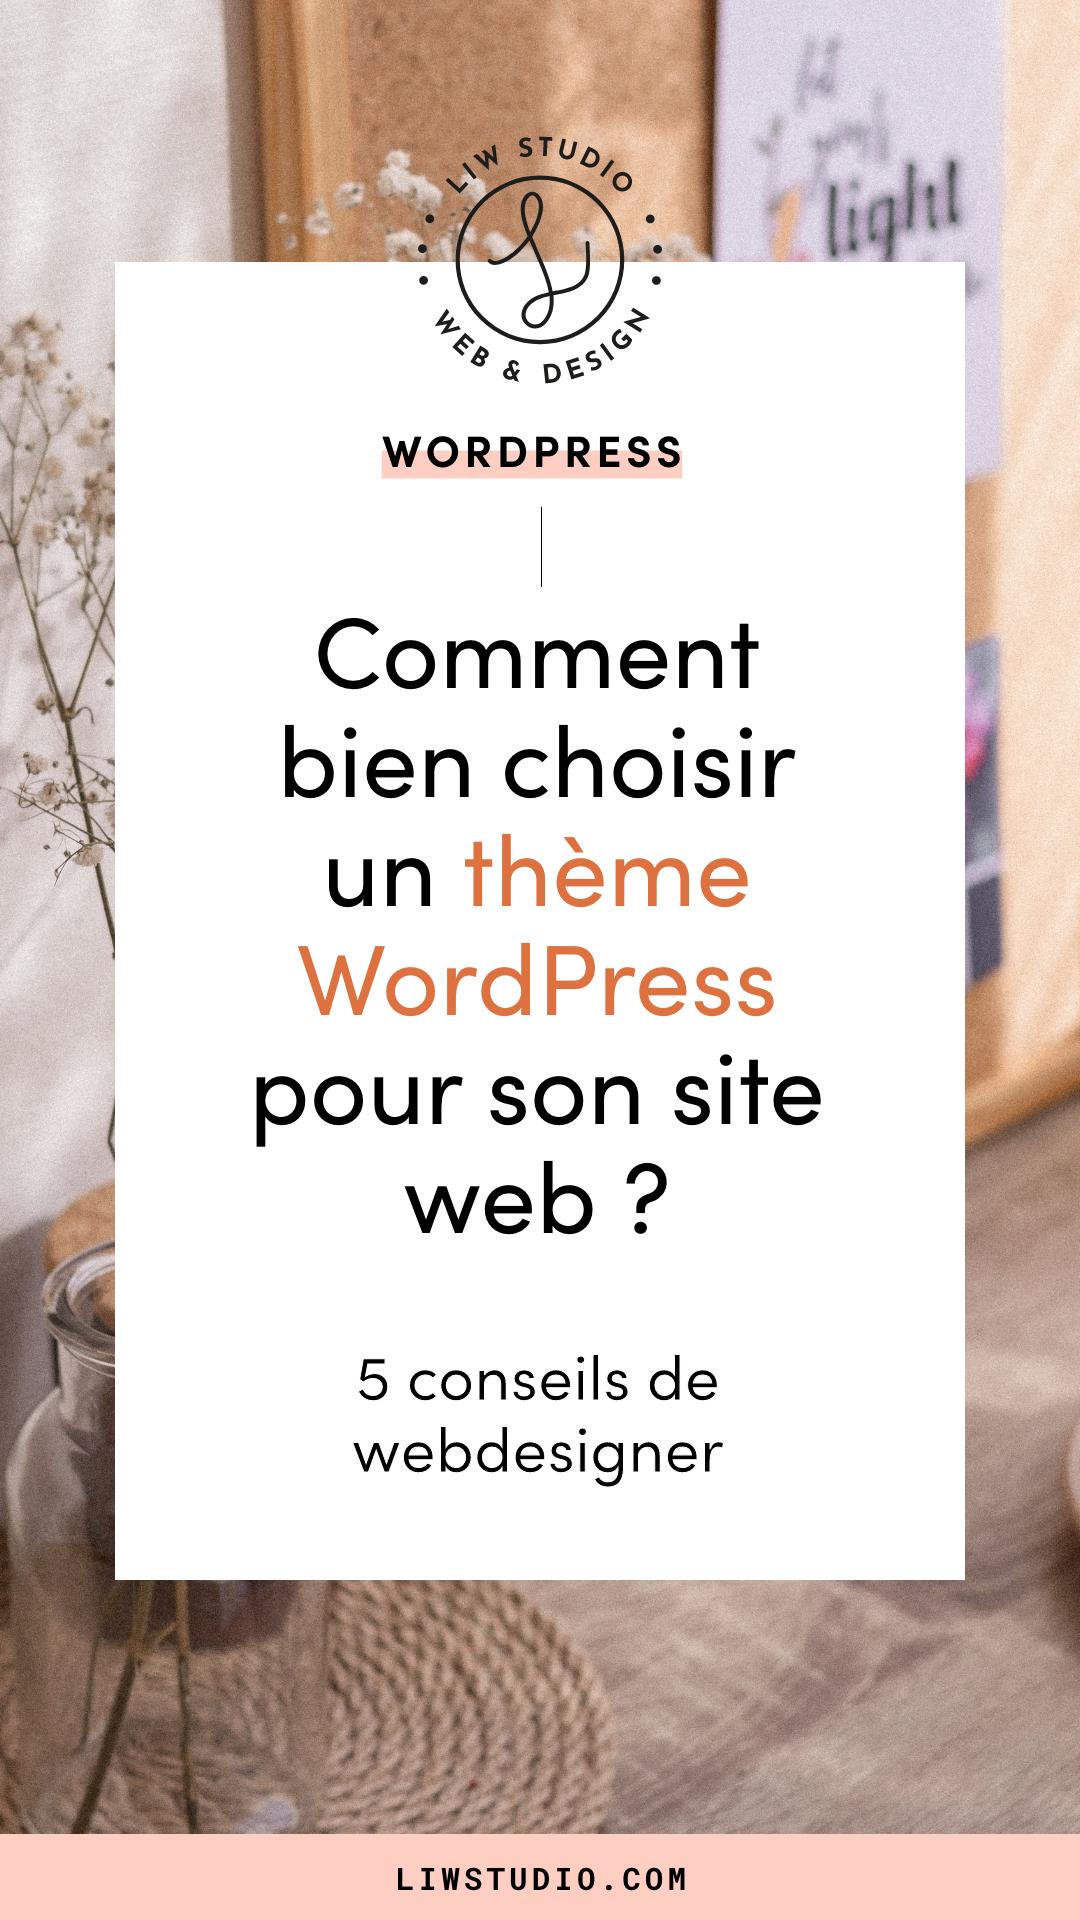 Comment bien choisir un thème WordPress pour son site internet ? Webdesigner Liw studio